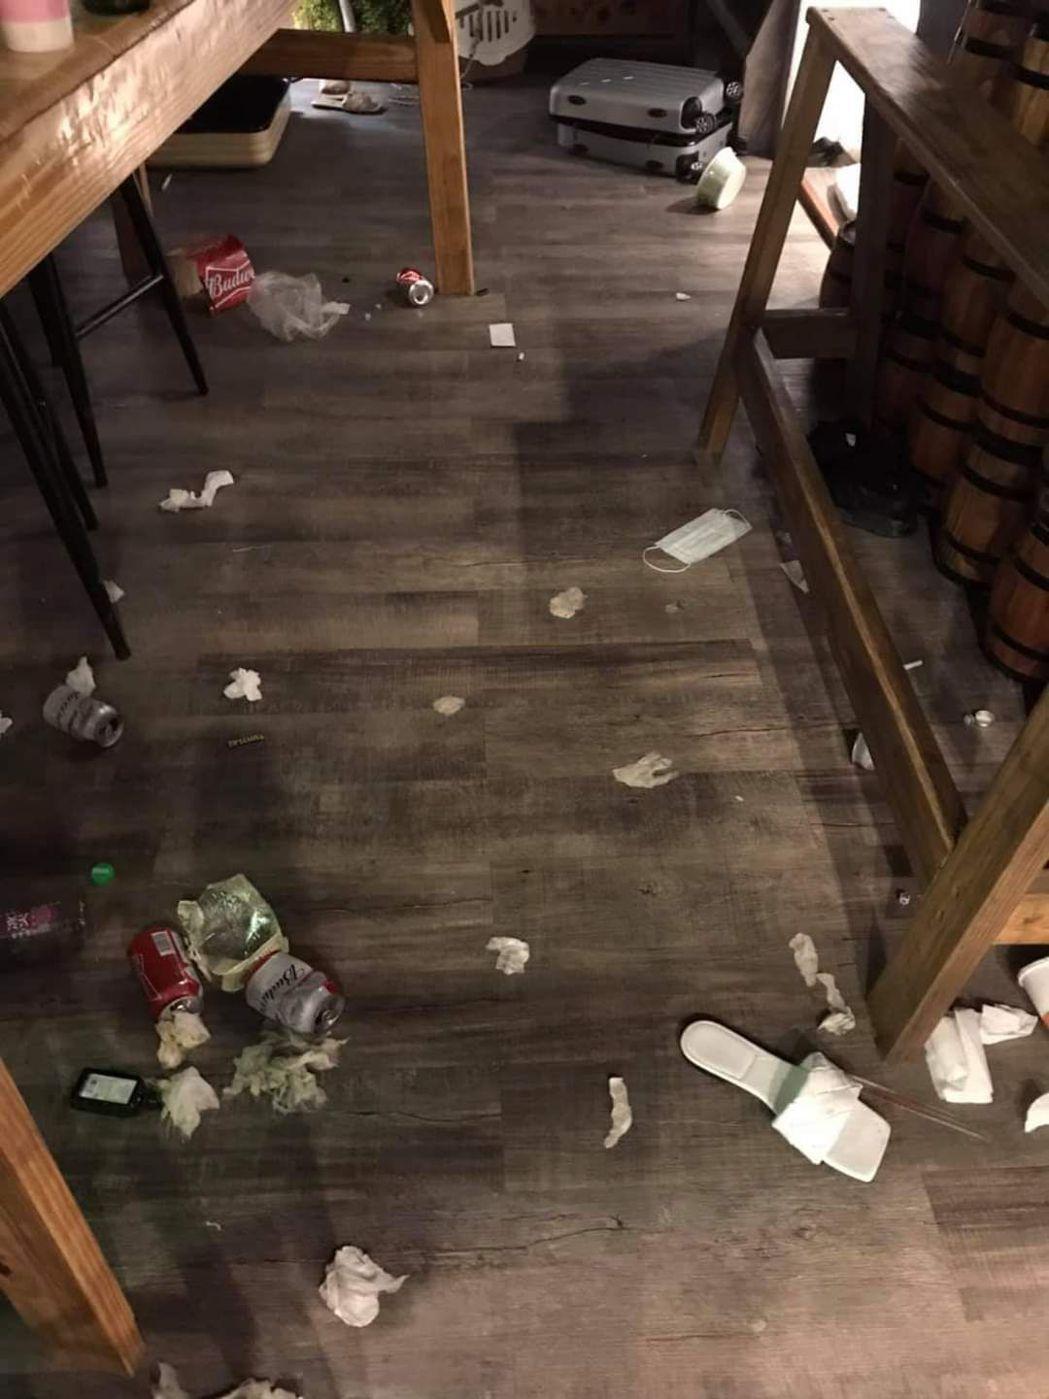 台東綠島民宿遭破壞,老闆痛心發文「身為公眾人物行為卻是如此」。圖/翻攝自就是愛綠...